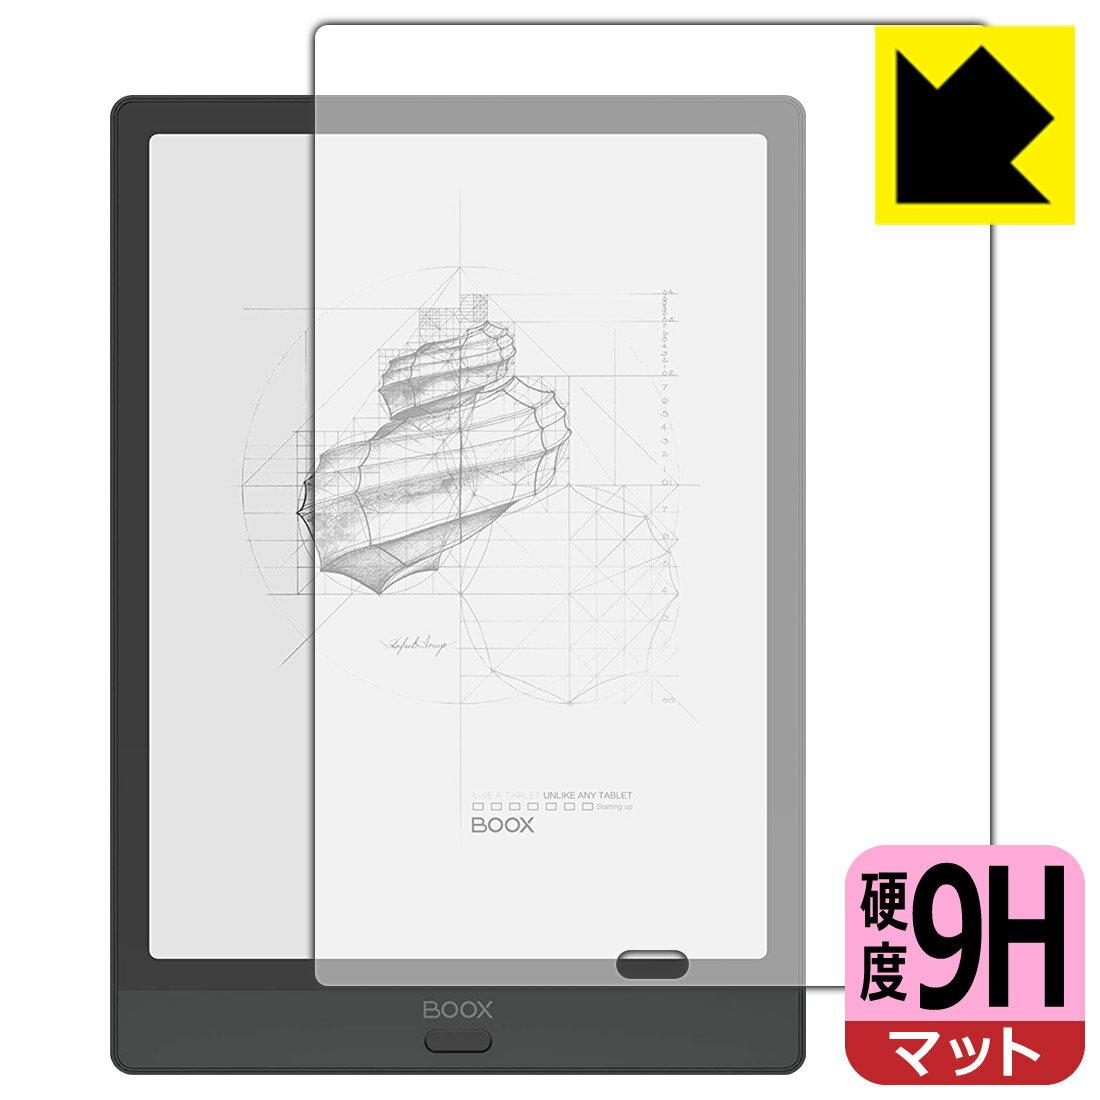 電子書籍リーダーアクセサリー, その他 9H Onyx BOOX Note3 RCPsmtb-kd